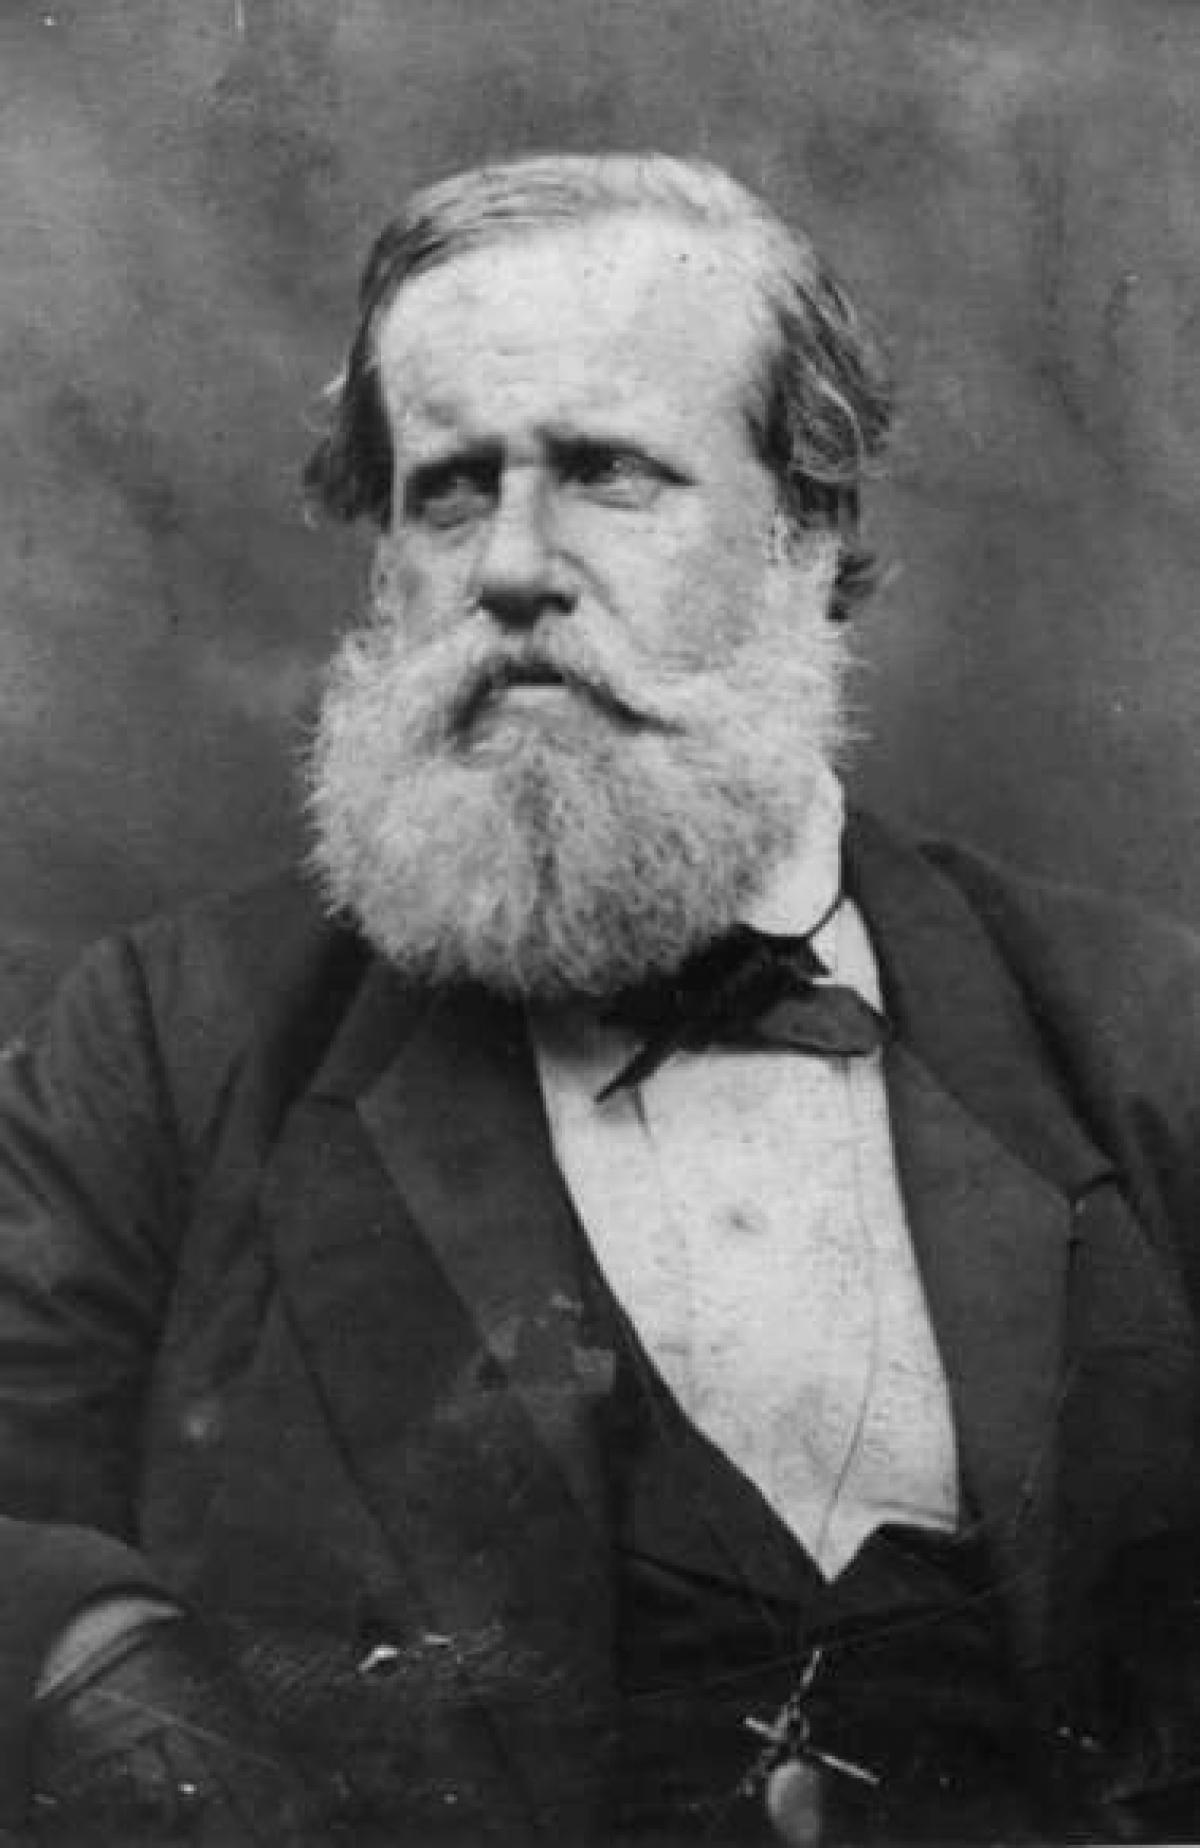 """Vua Pedro II. Pedro II có biệt danh là """"Người vĩ đại"""", là vị vua thứ 2 và cuối cùng của Brazil.Một cuộc đảo chính đã kết thúc quá trình cai trị đất nước của ông trong 58 năm."""